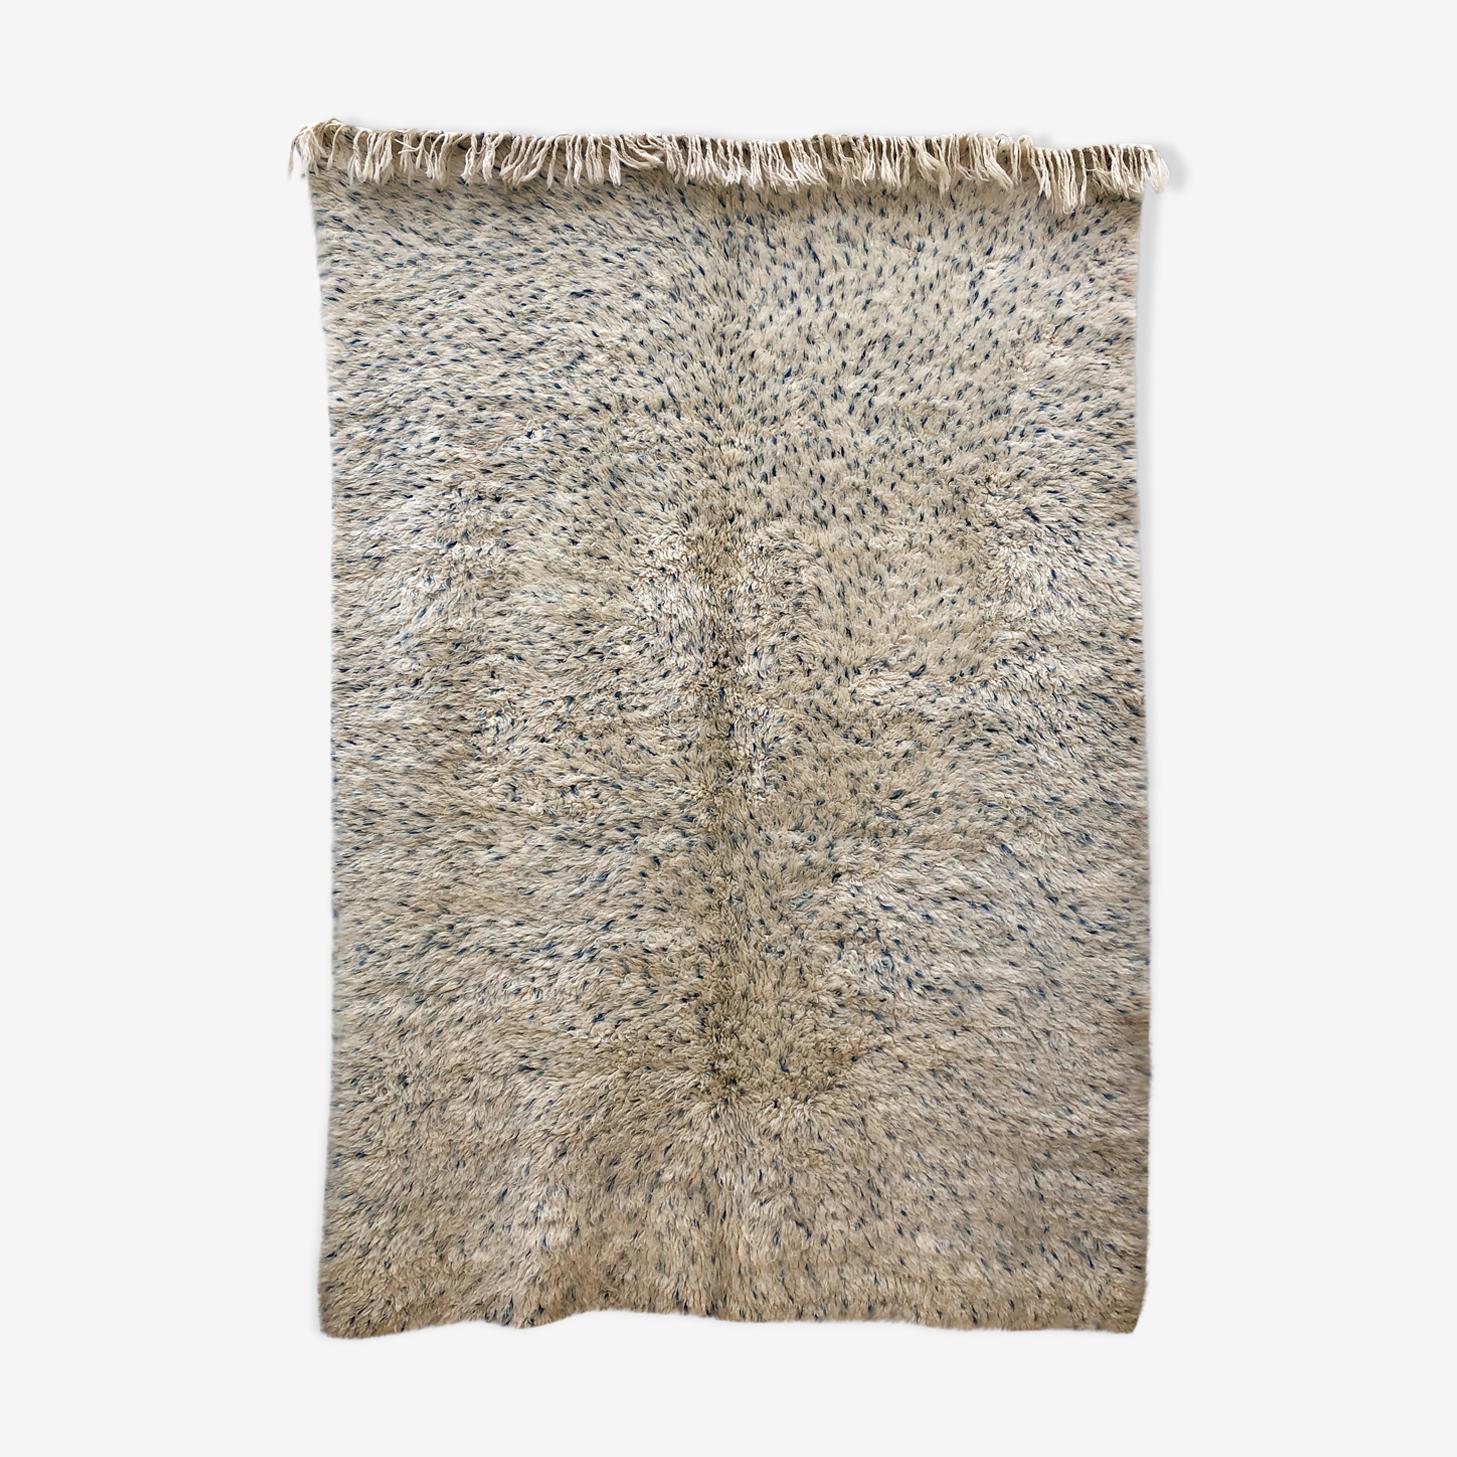 Tapis beni ouarain marmoucha à pois bleu indigo 256x175cm